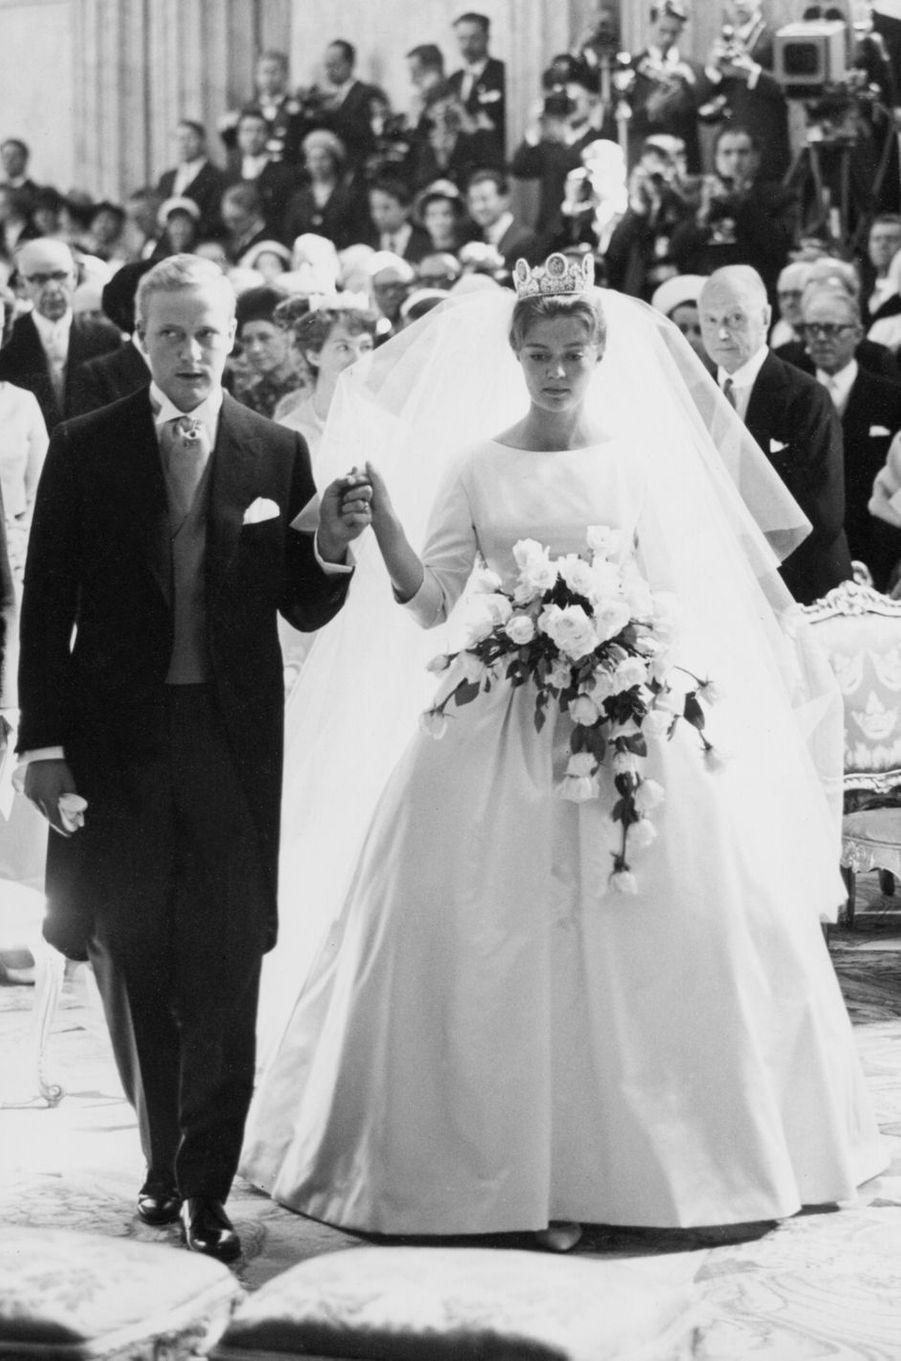 La princesse Birgitta de Suède le jour de son mariage, le 25 mai 1961